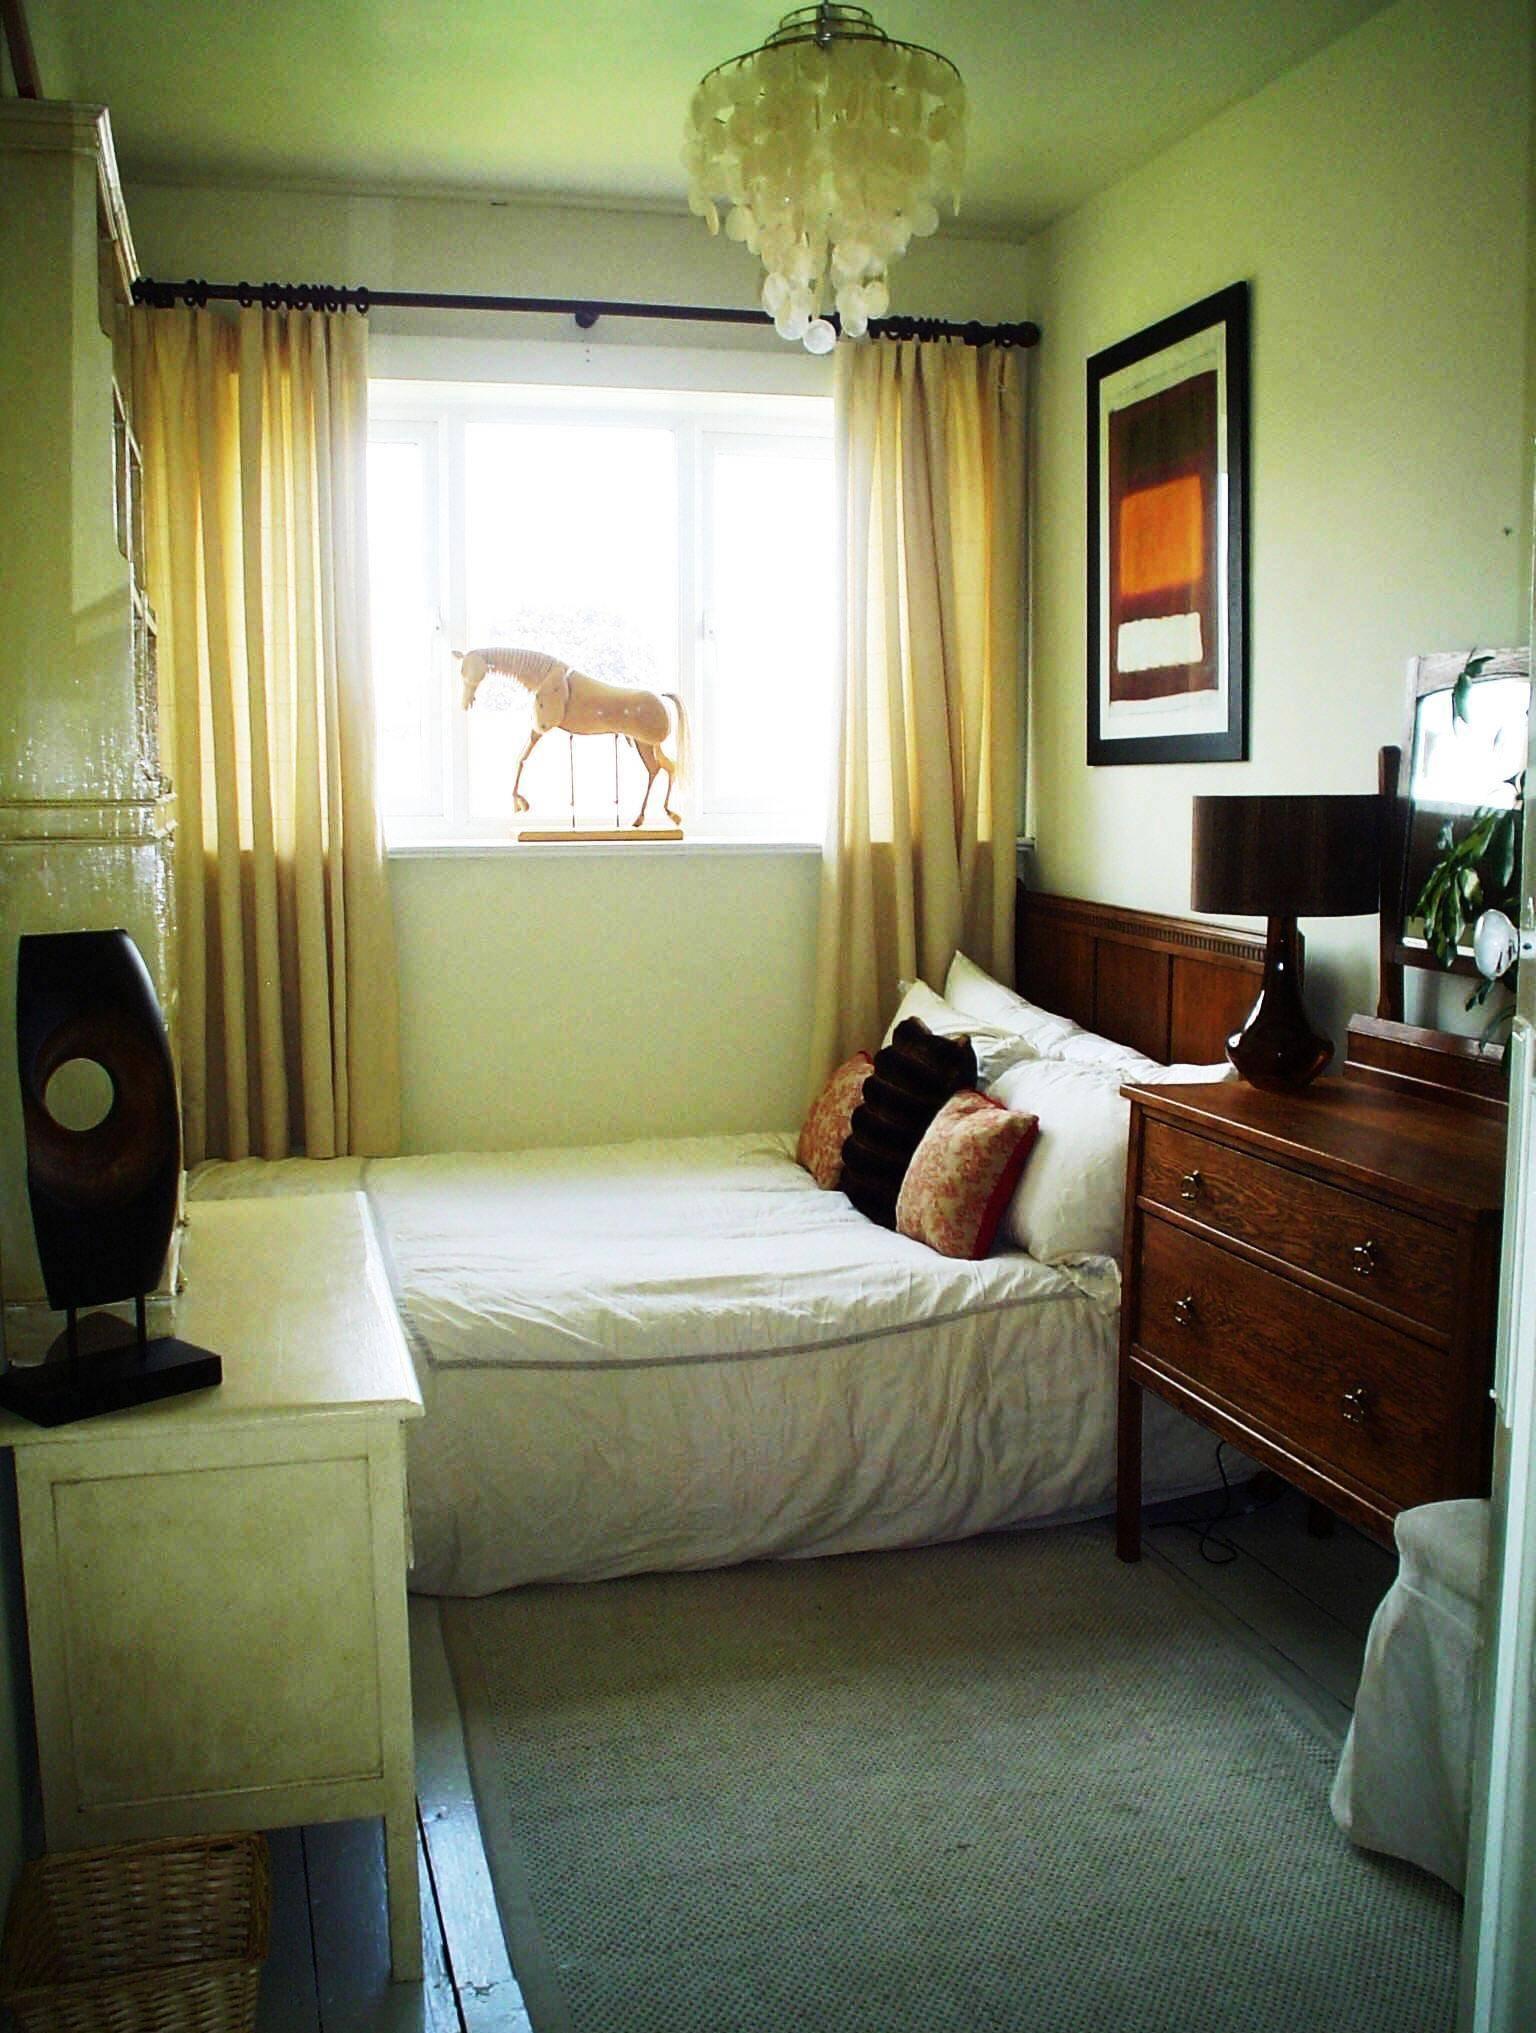 Обустраиваем маленькую спальню по фен-шуй: секреты энергии